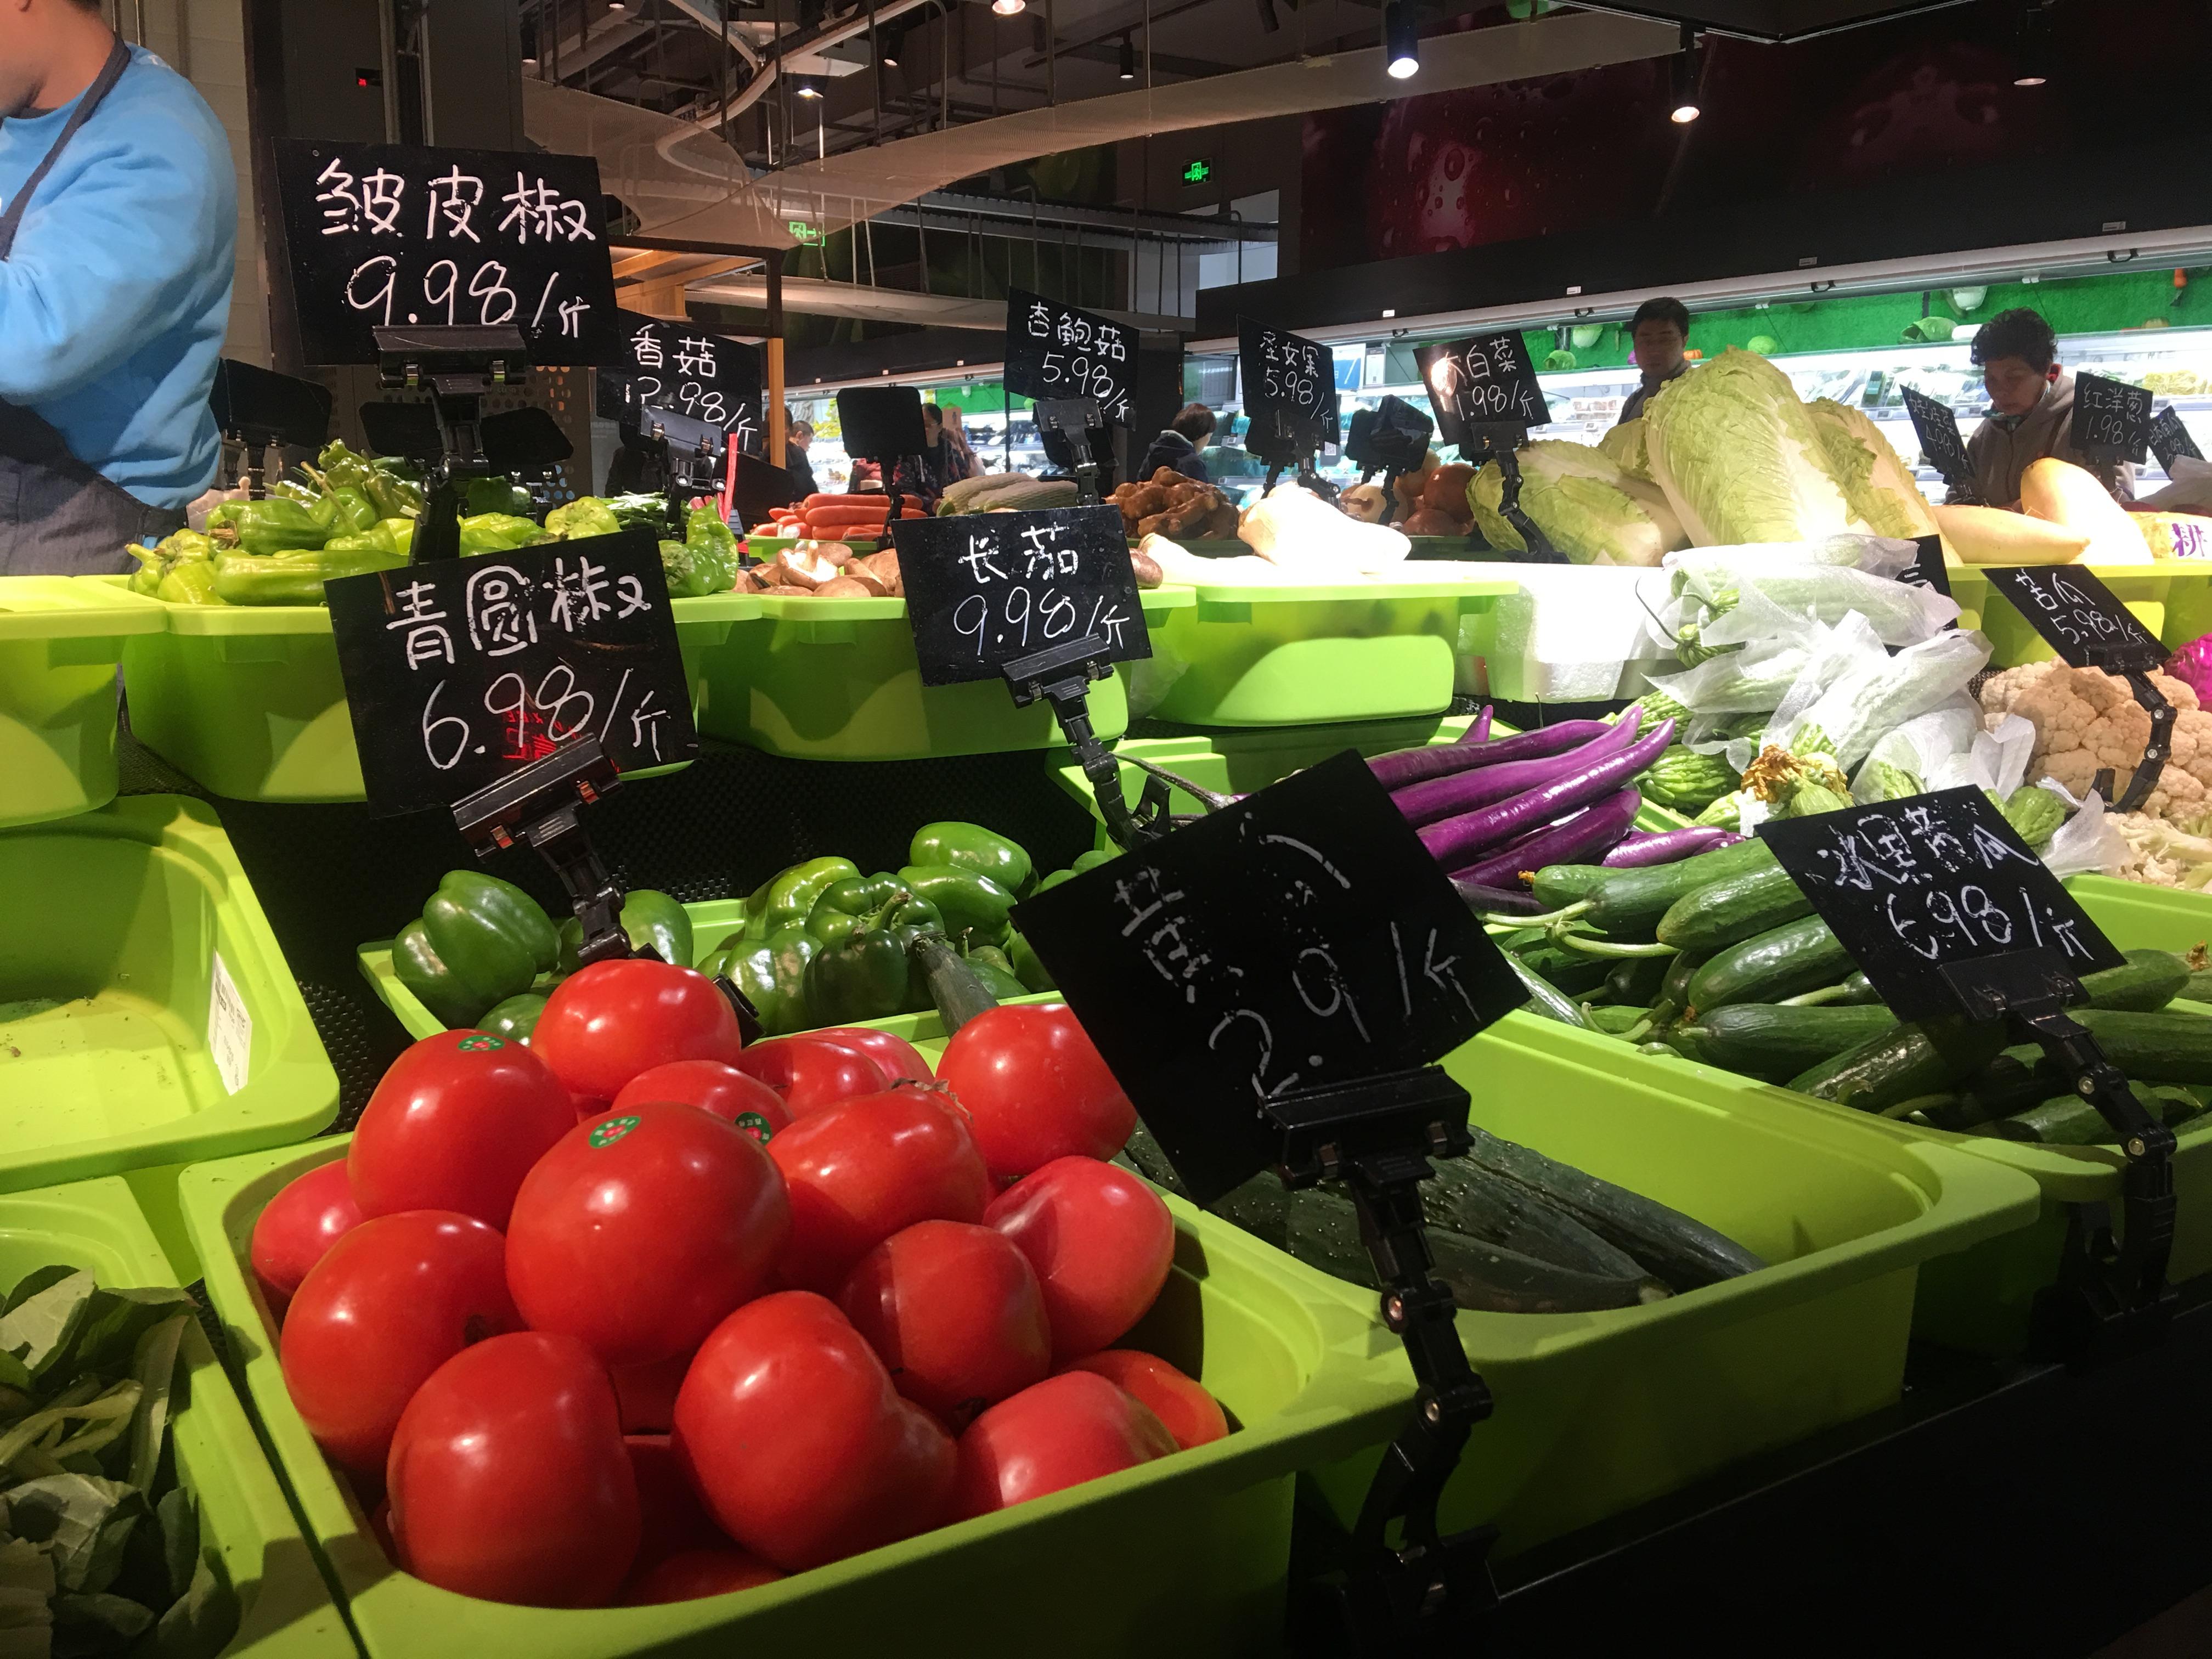 散装蔬菜柜台。